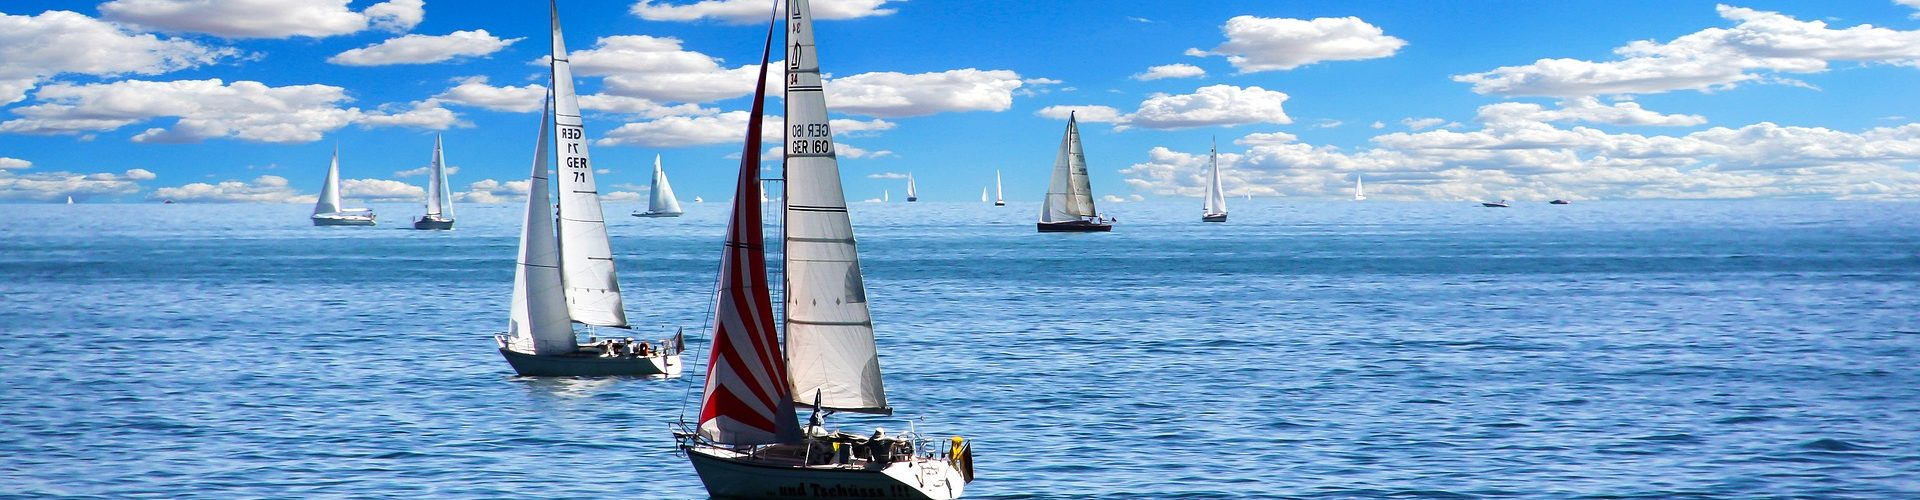 segeln lernen in Sande segelschein machen in Sande 1920x500 - Segeln lernen in Sande